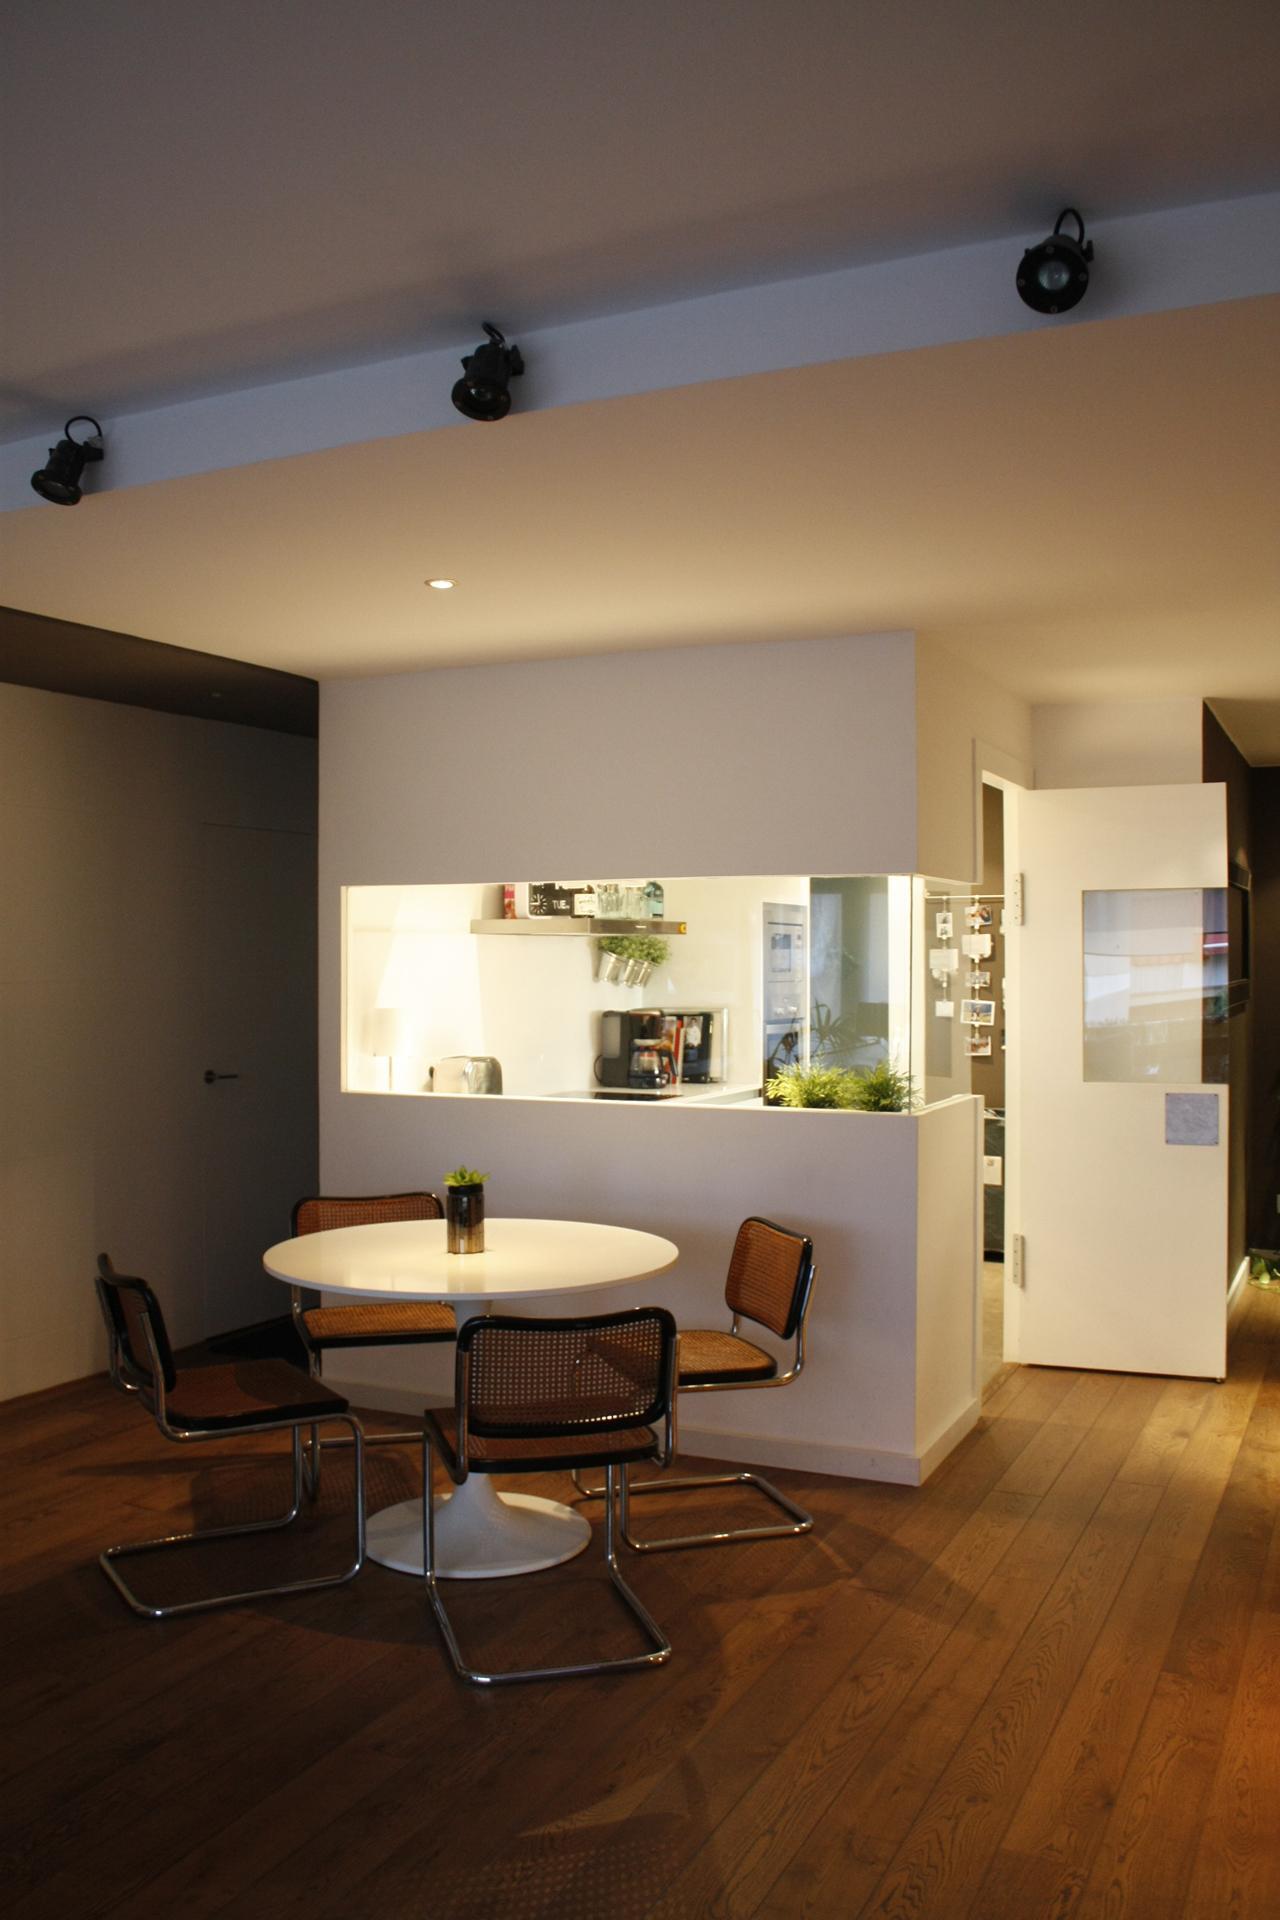 Küchenmöbel • Bilder & Ideen • COUCHstyle | {Küchenblock mit tisch 28}